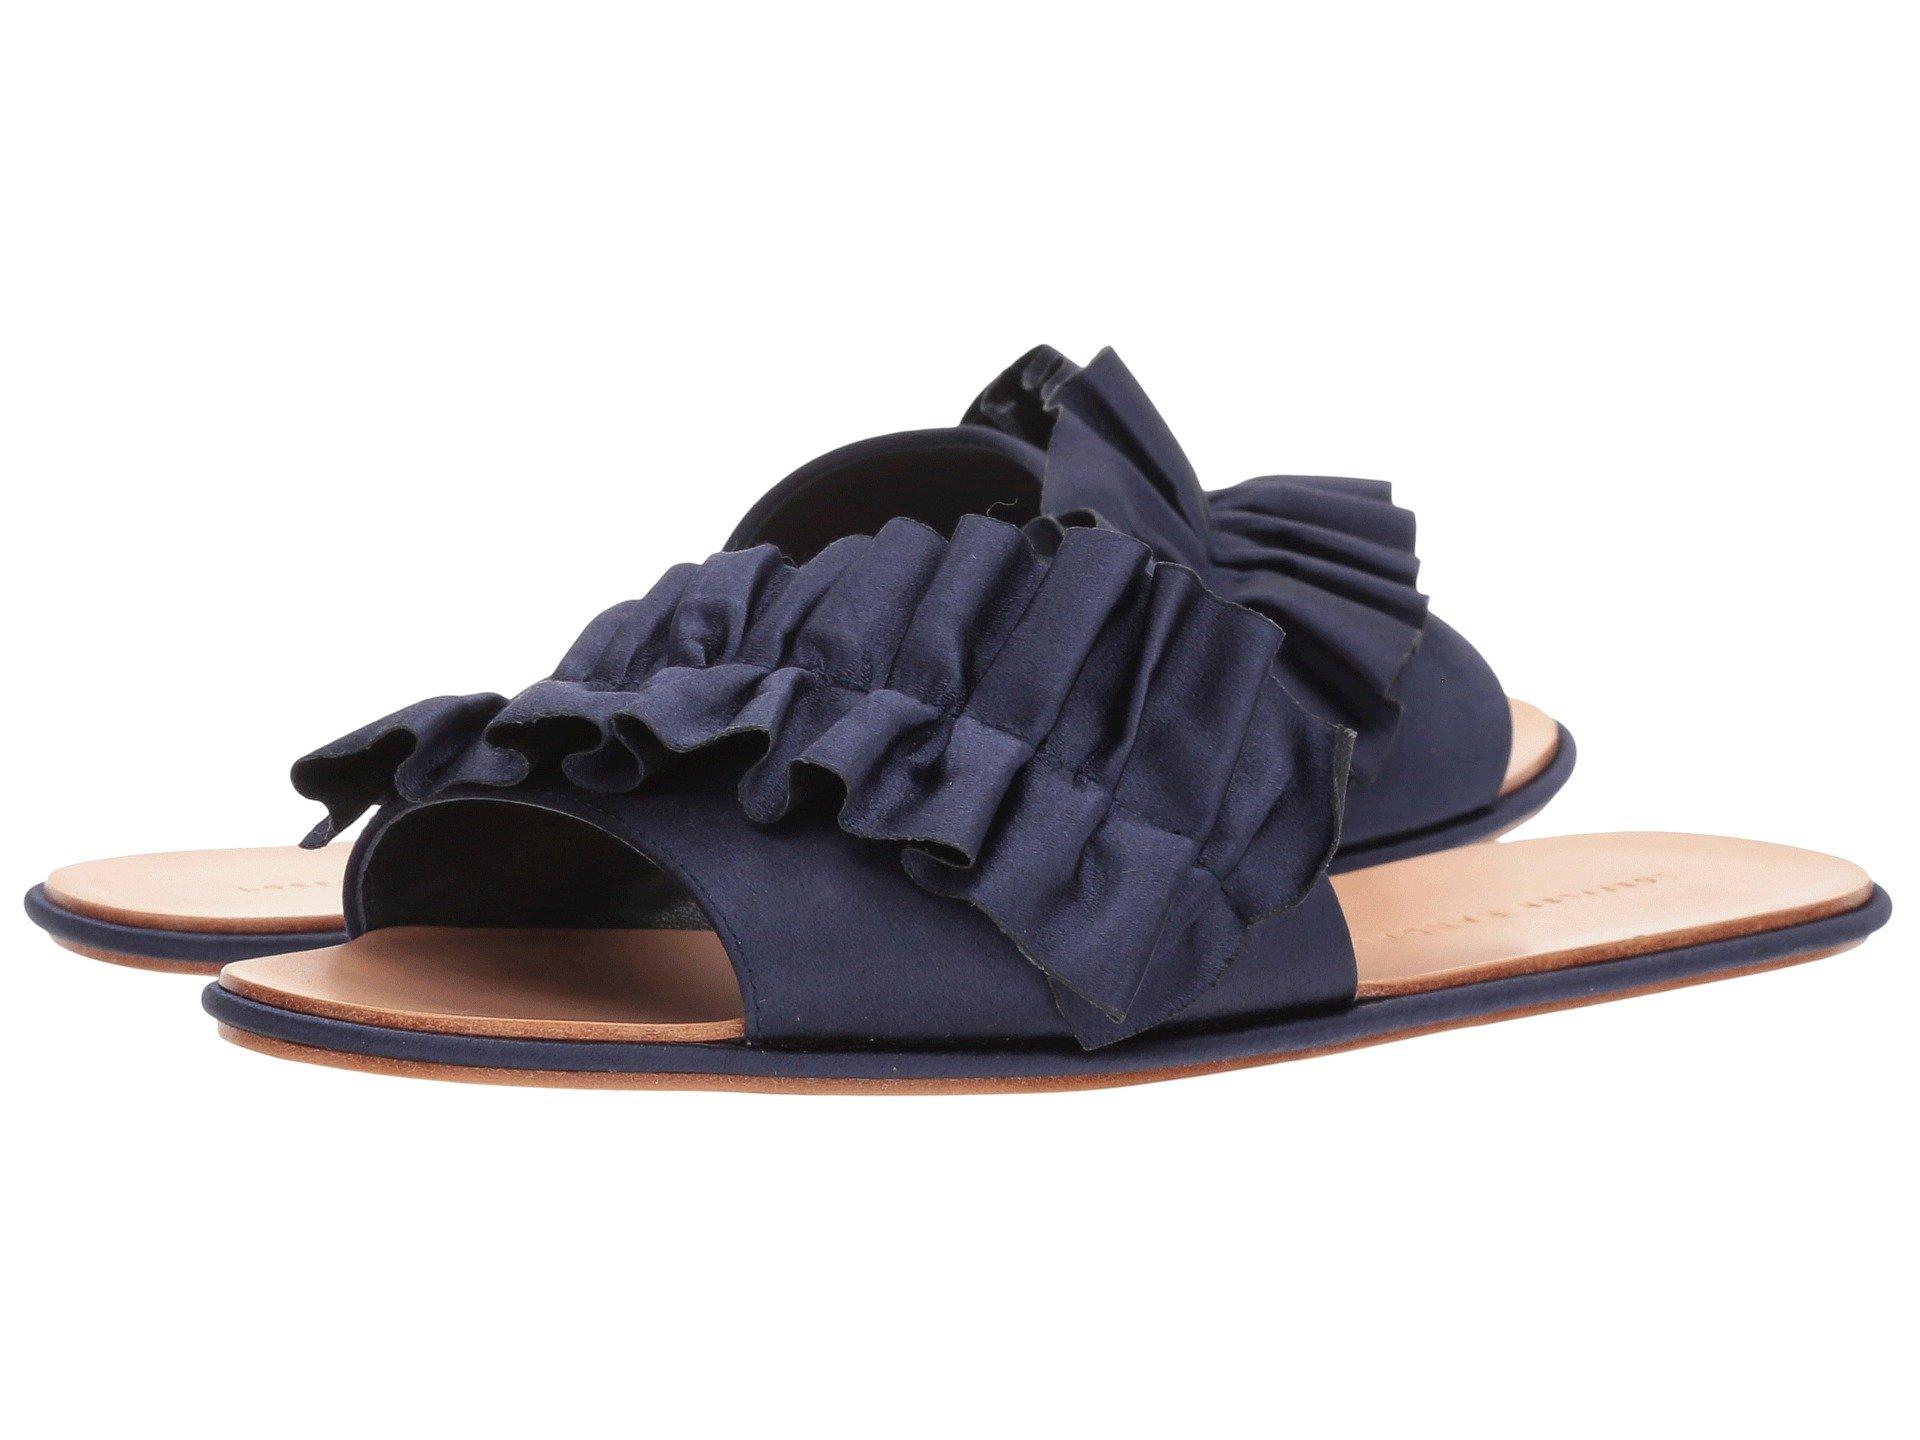 Loeffler Randall Women's Rey-sat Slide Sandal